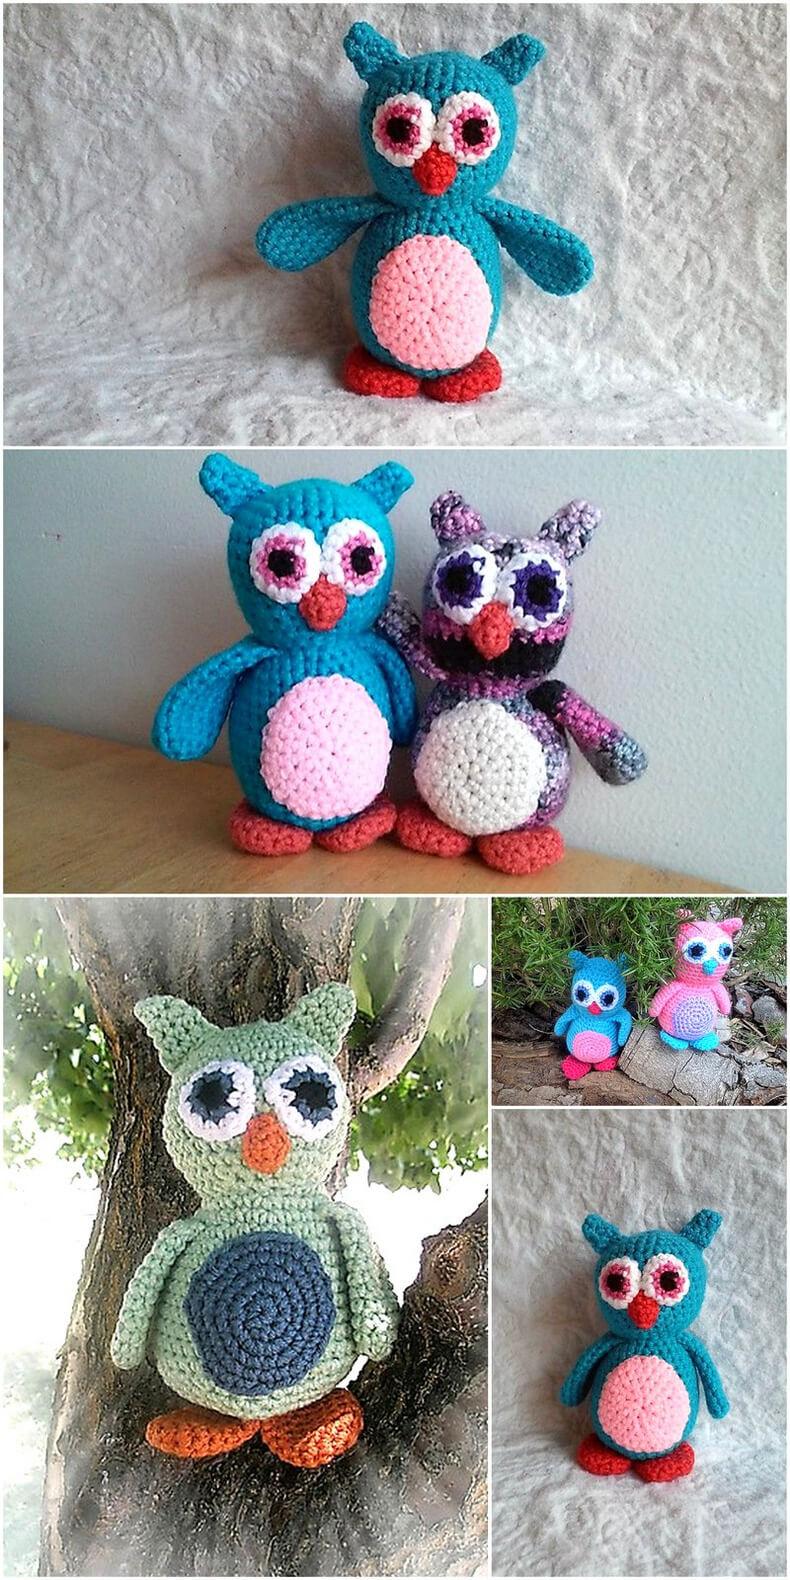 Hooty the Baby Owl